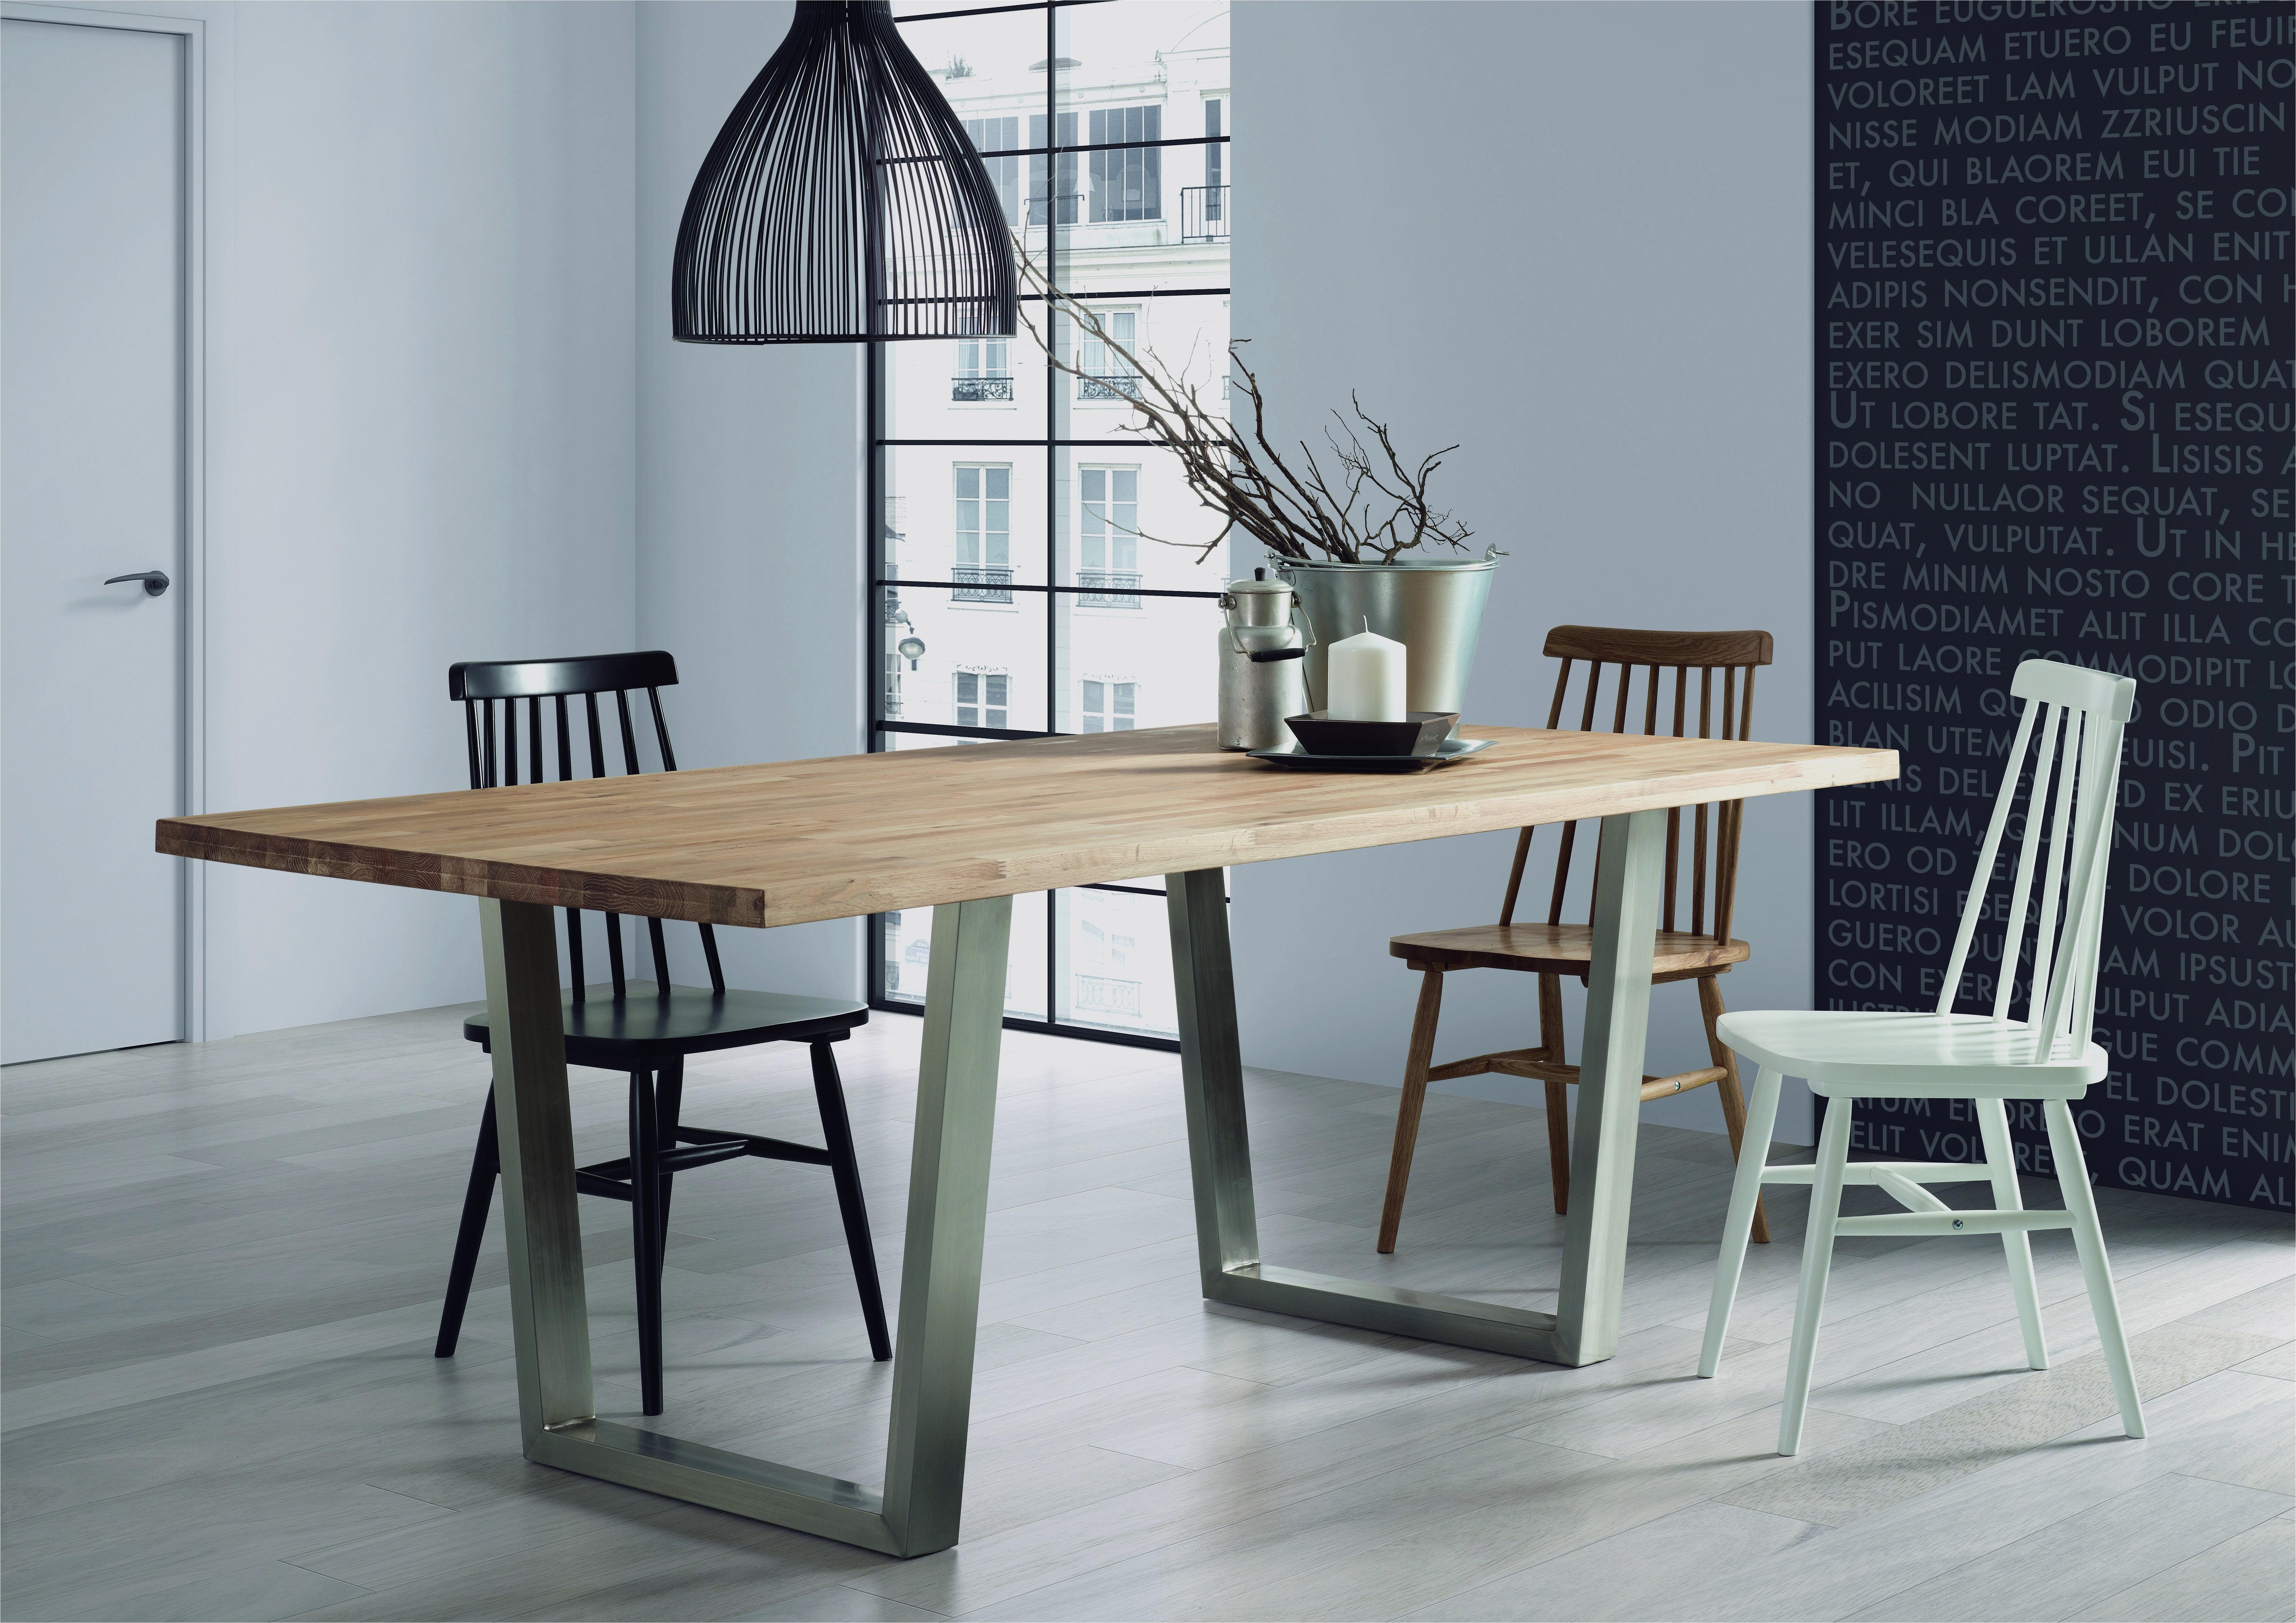 Rocking Chair Exterieur Ikea Meilleur De Photographie Table Pliante Jardin Ikea De Supérieur Chaise Pliable Ikea Chaise